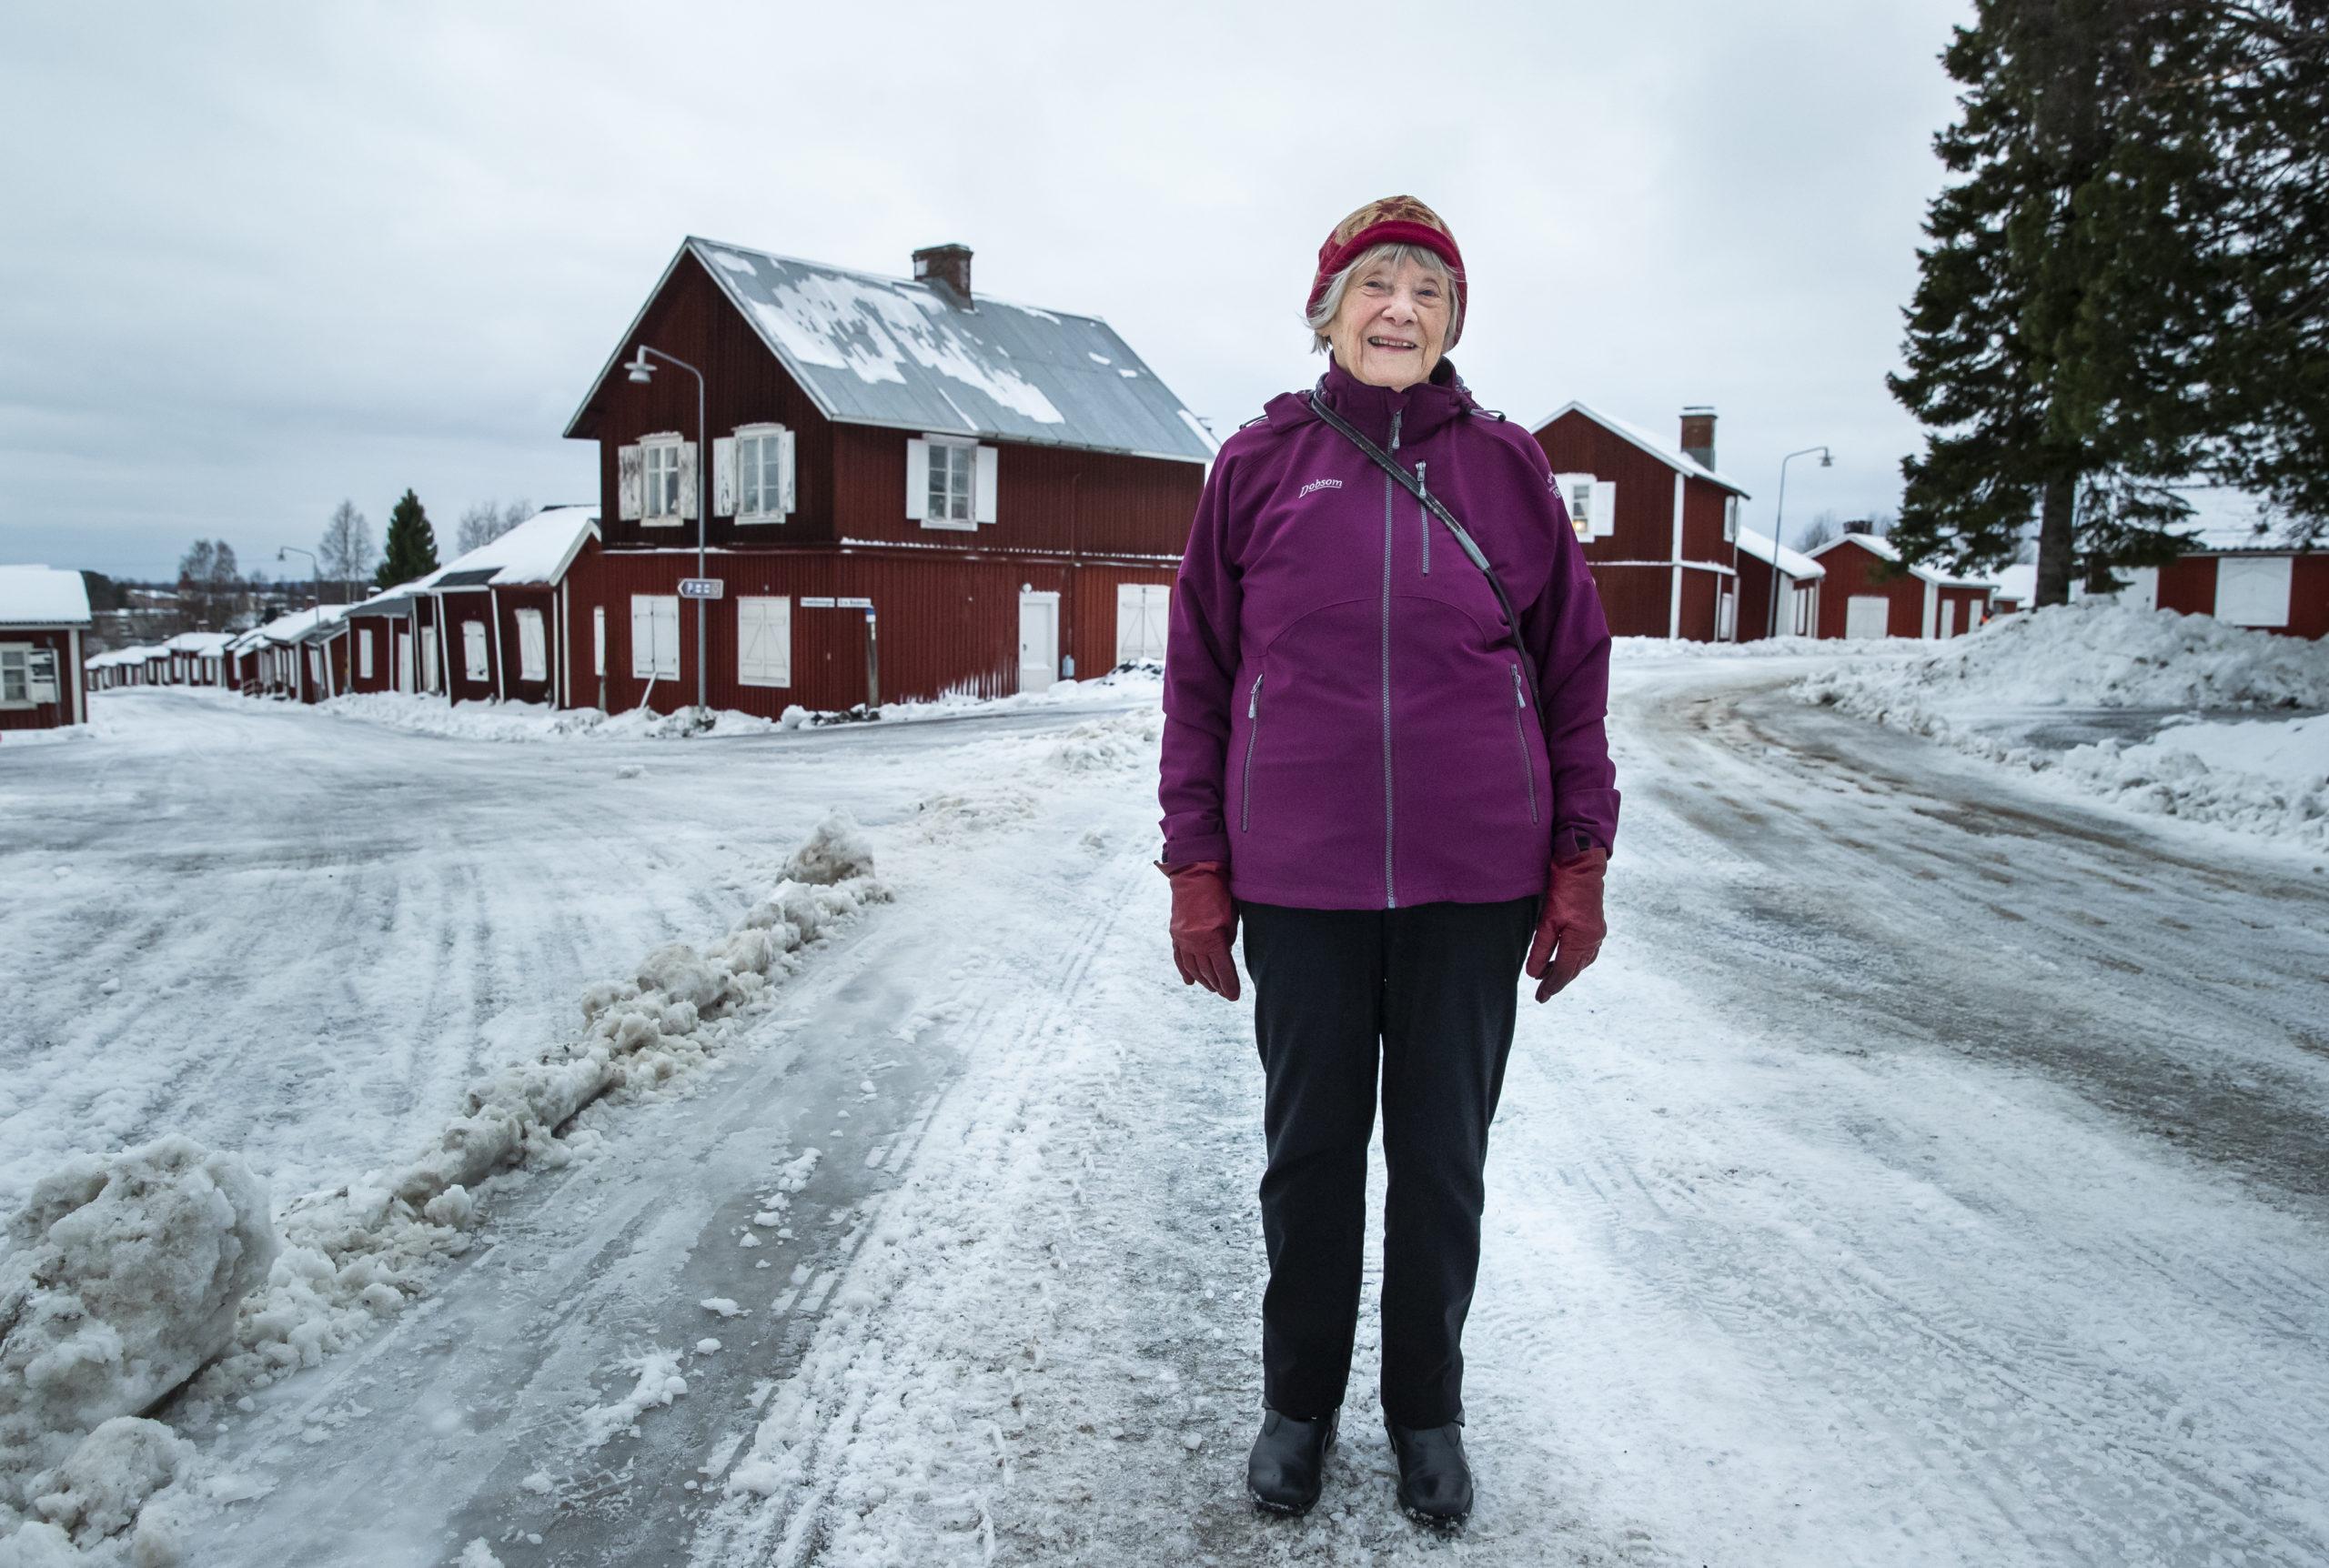 En kvinna står på en snöig väg.